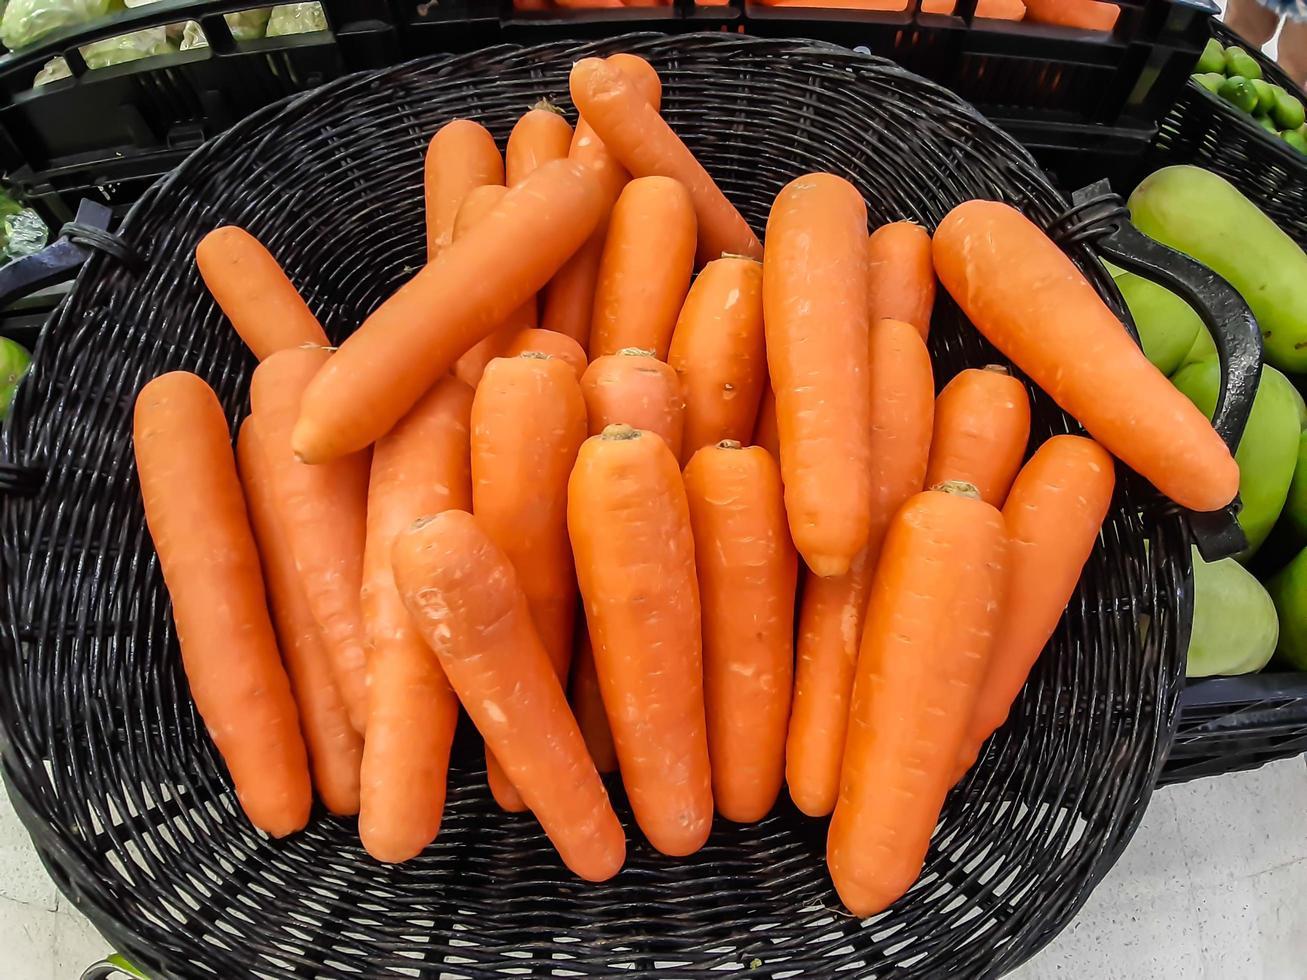 ekologisk morot. textur bakgrund av färska stora apelsin morötter, morötter är bra för hälsan, friska mogna morot för att förbereda måltid foto